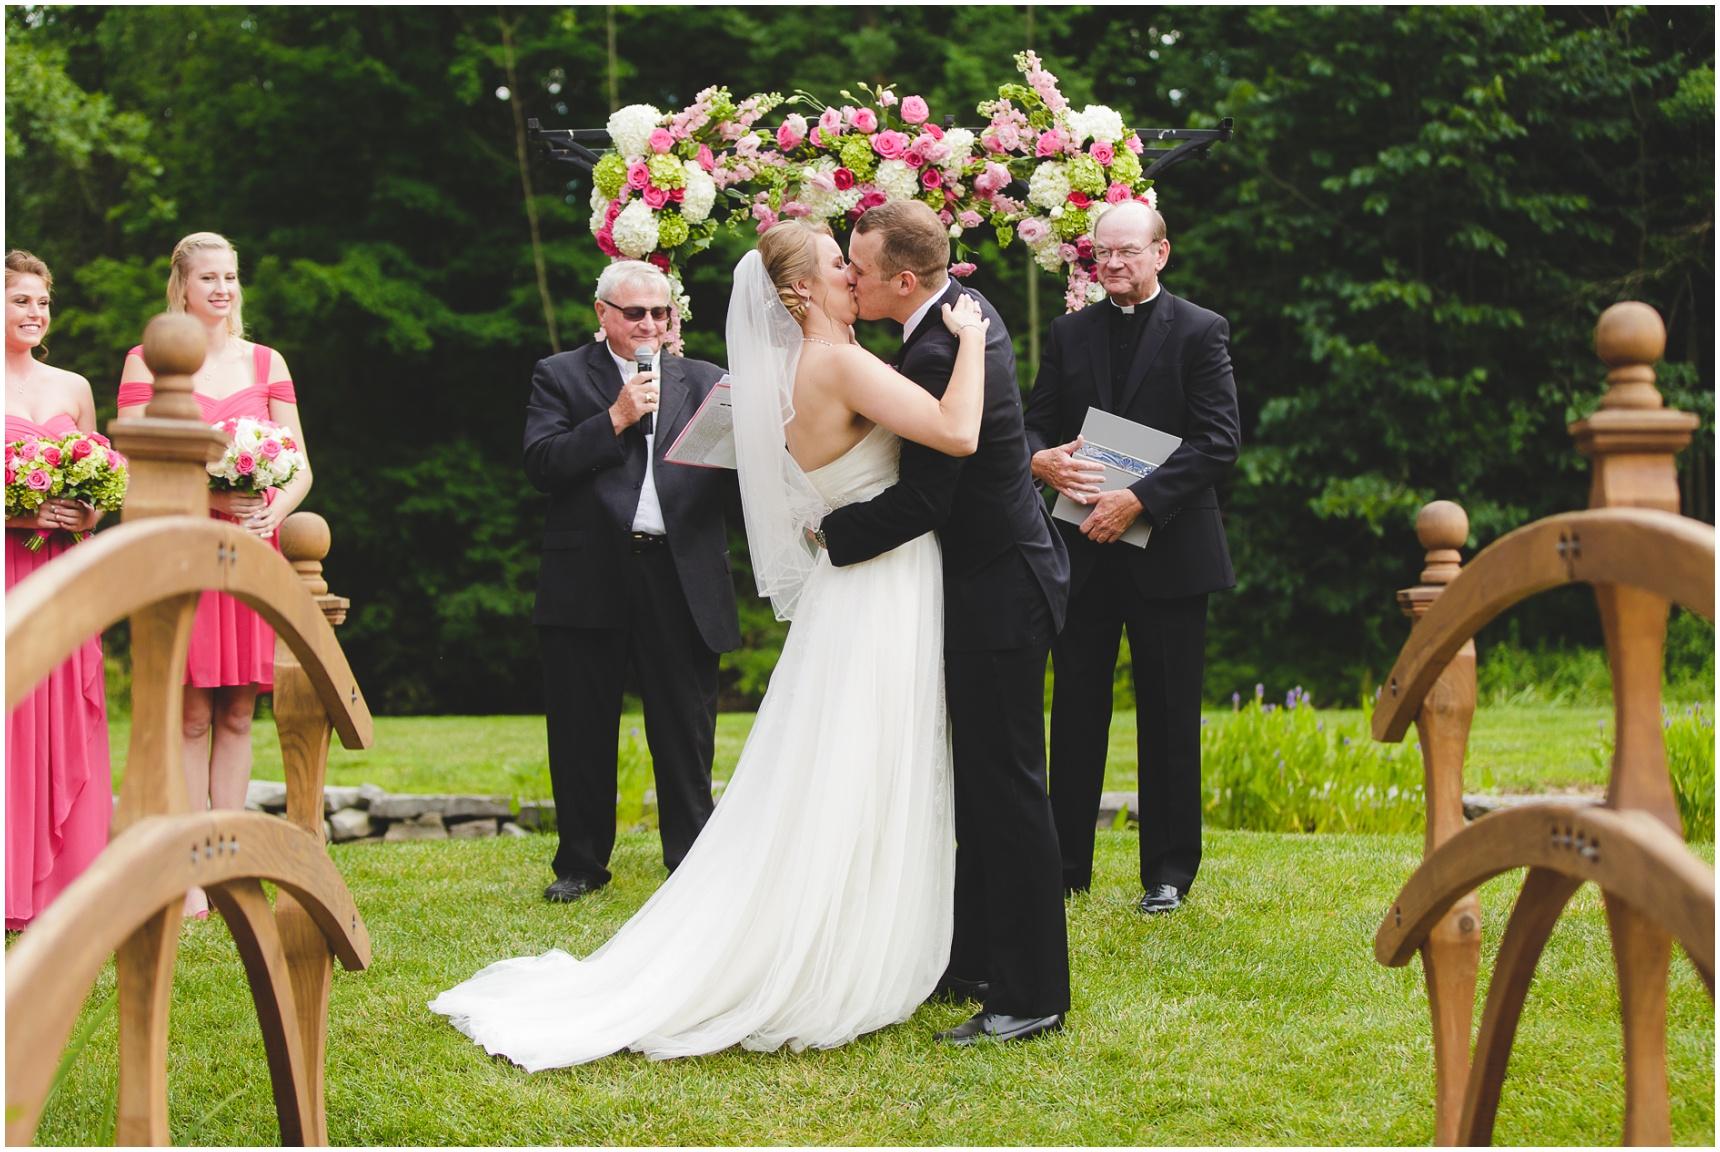 Buffalo-Avanti-Wedding-Photographer_025.jpg